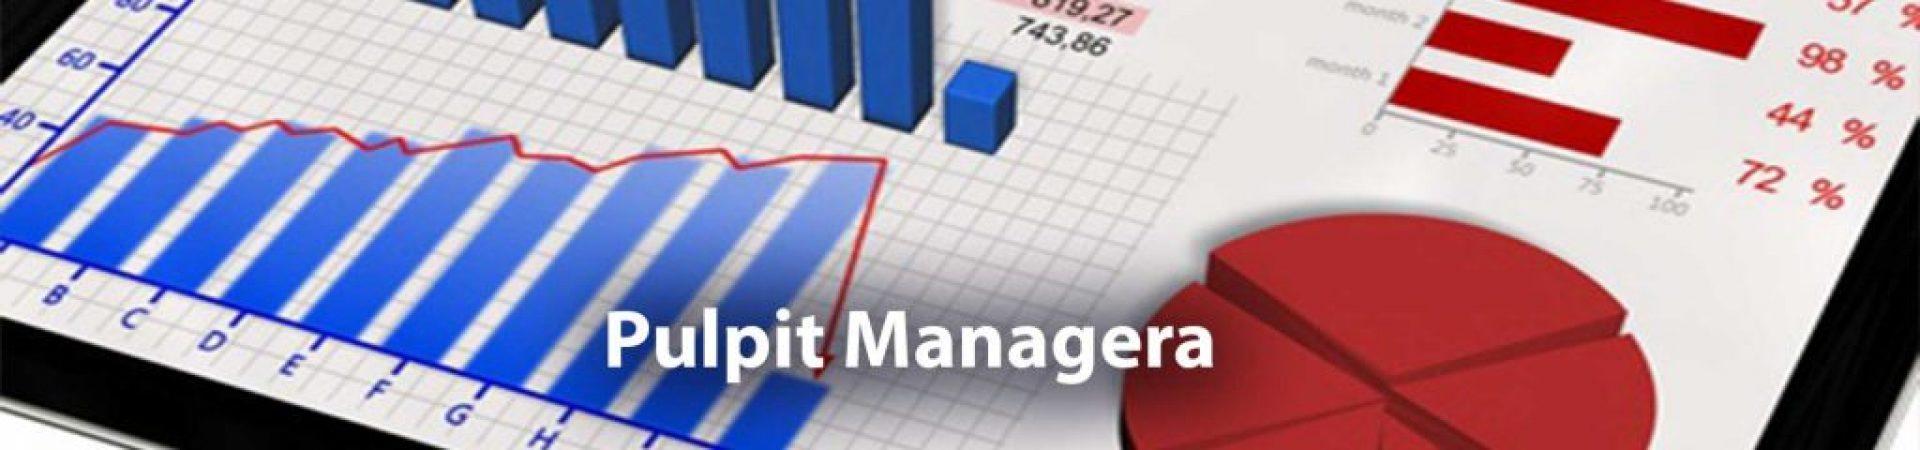 pulpit-managerasl